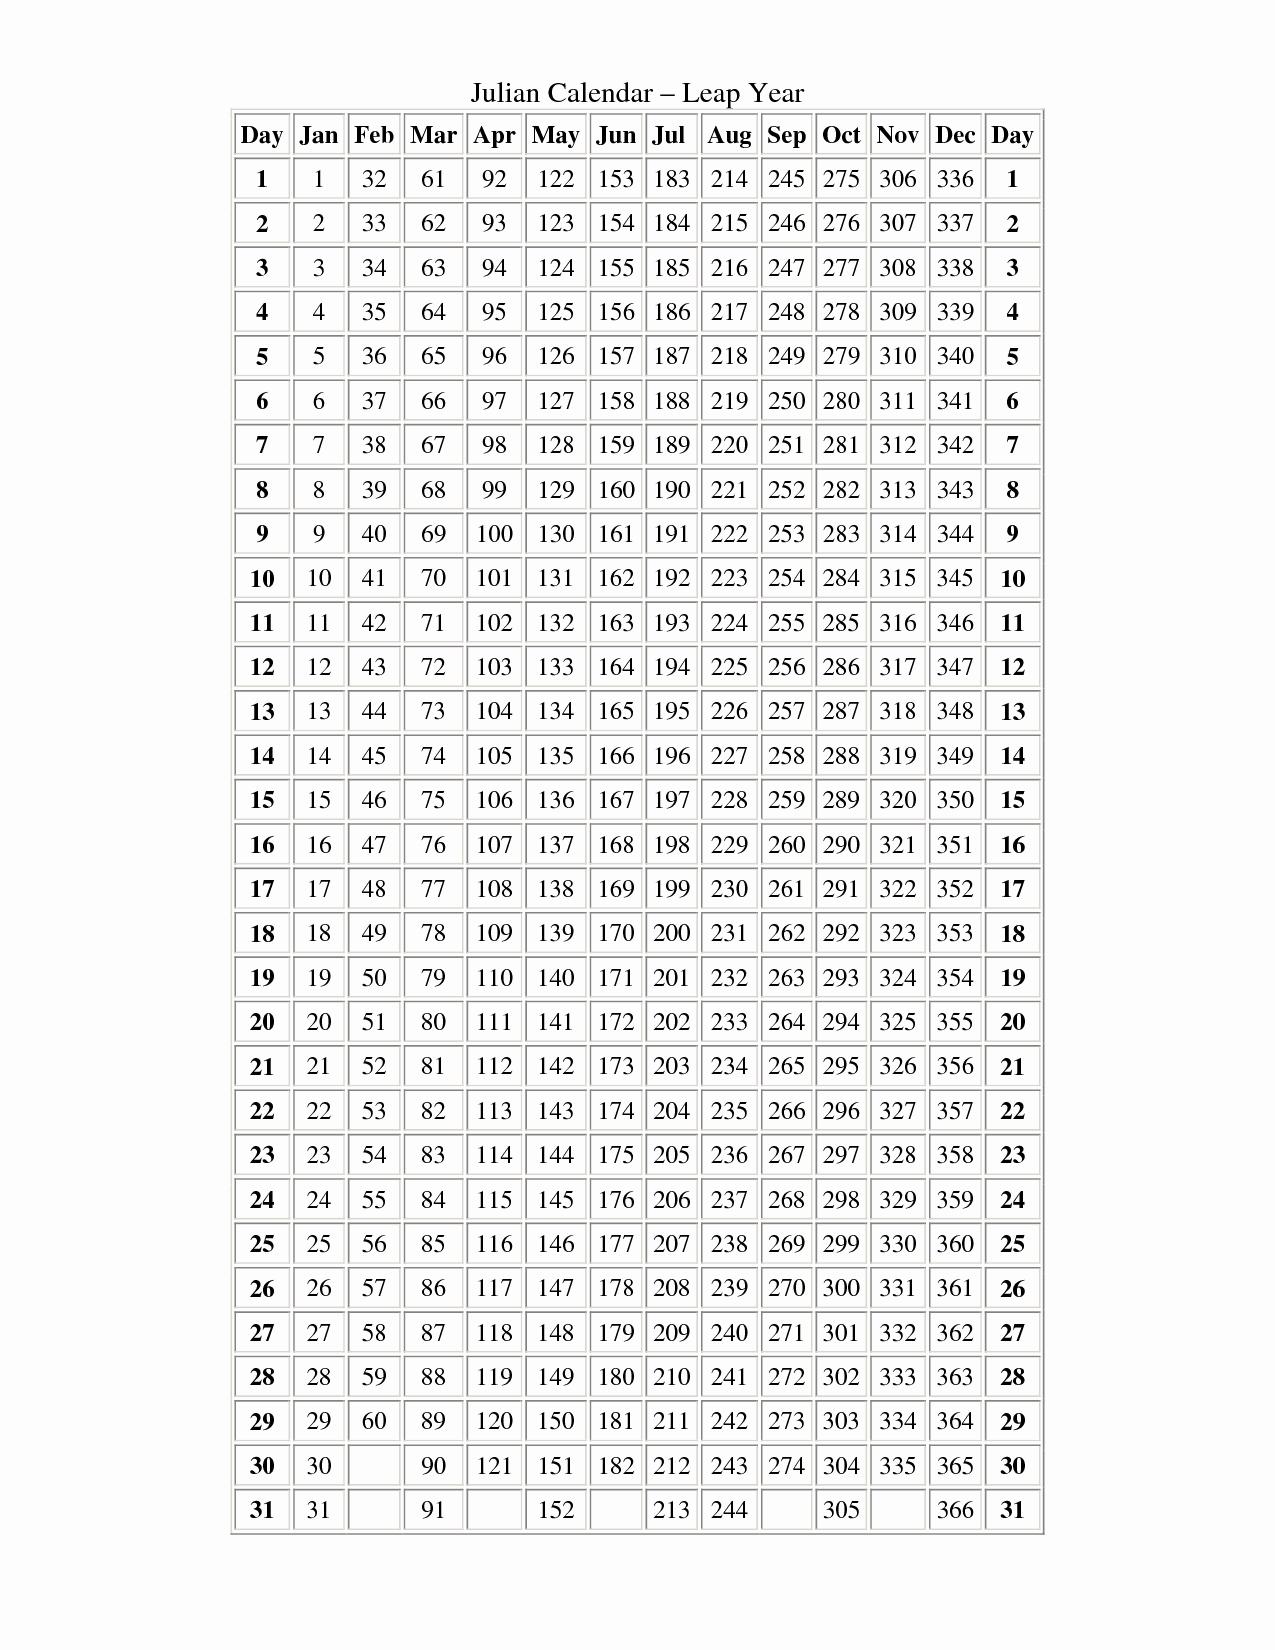 Julian Calendar Perpetual And Leap Year | Example Calendar